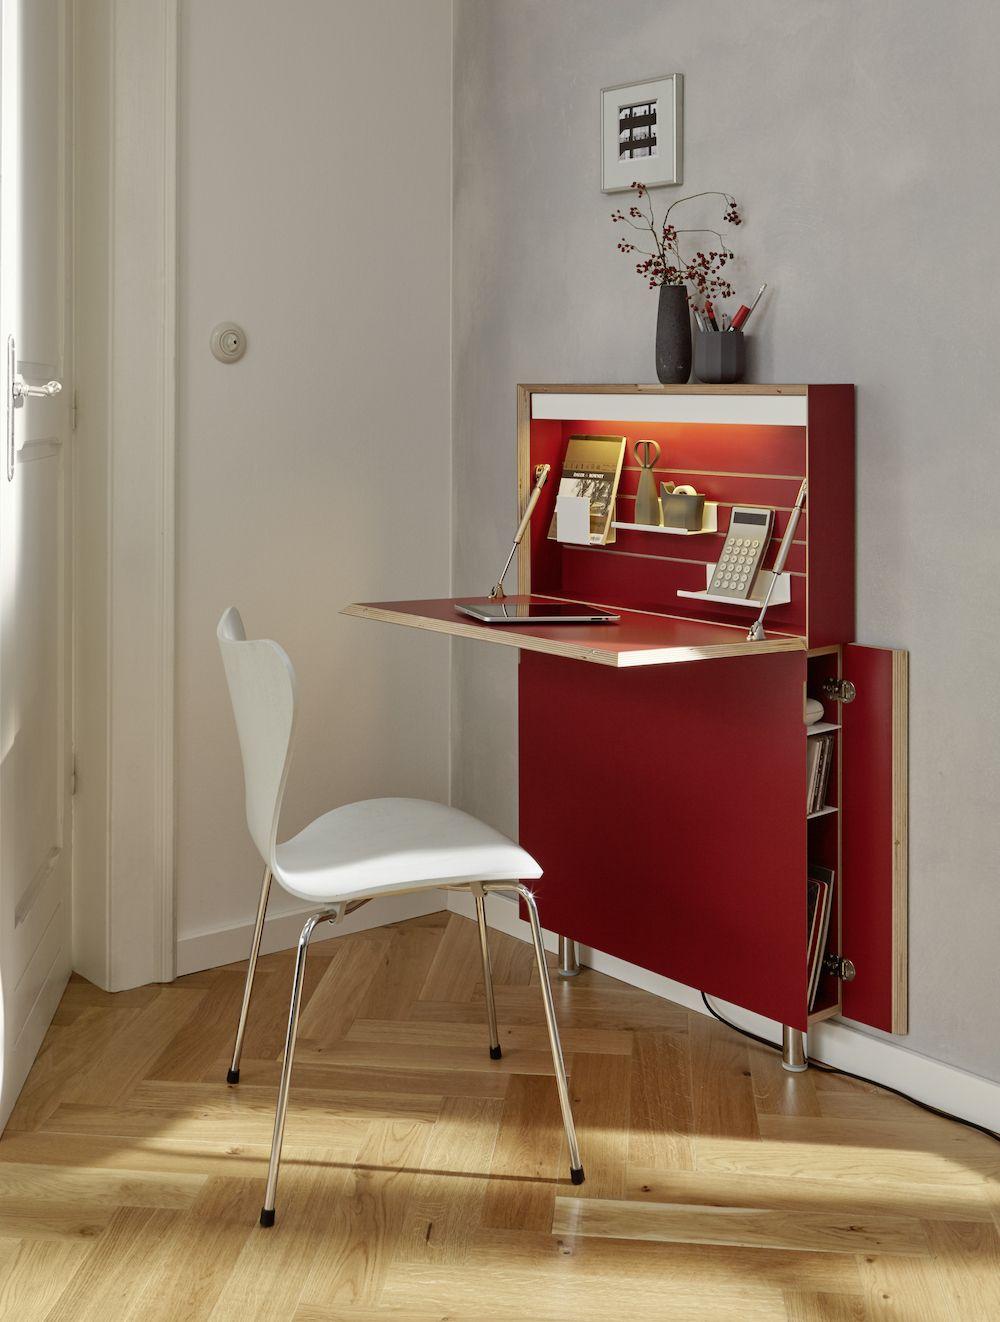 mehrfachmöbel, multifunktion: skagerak push ist spiegel, garderobe ... - Wohnung Mit Minimalistischem Weisem Interieur Design New York